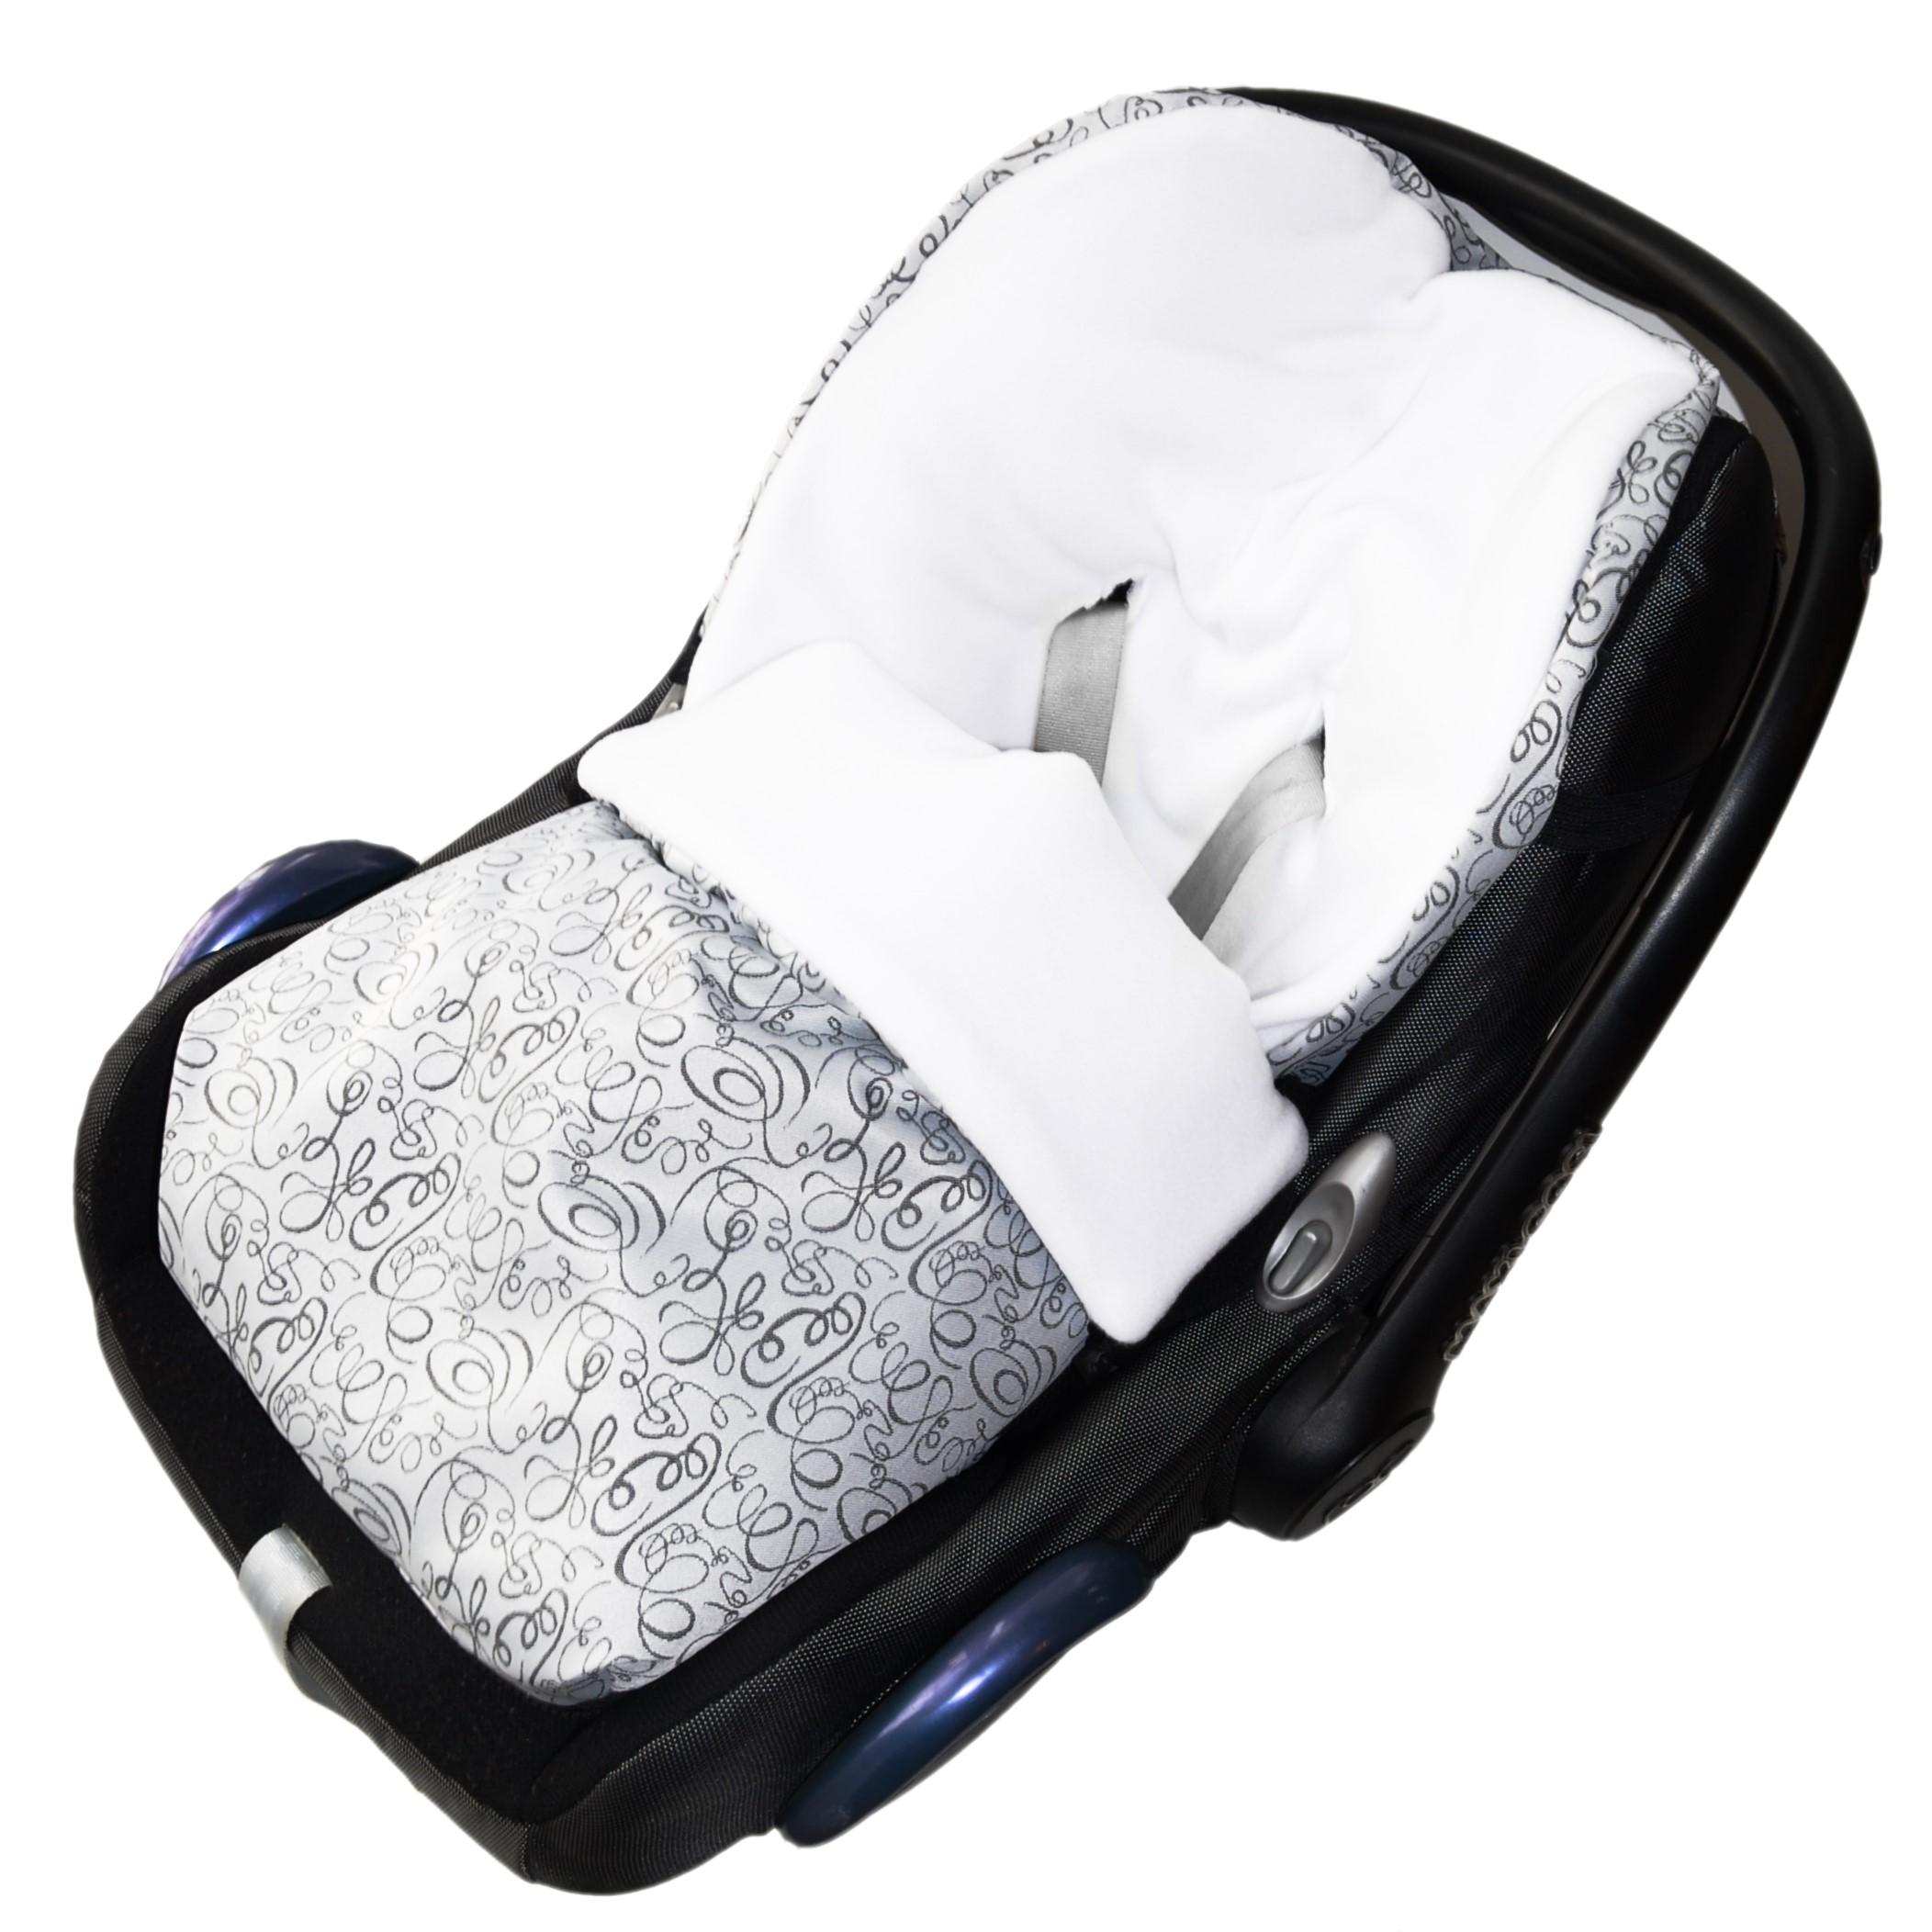 Fusak do autosedačky nebo korbičky - bílý fleece/silver ornament